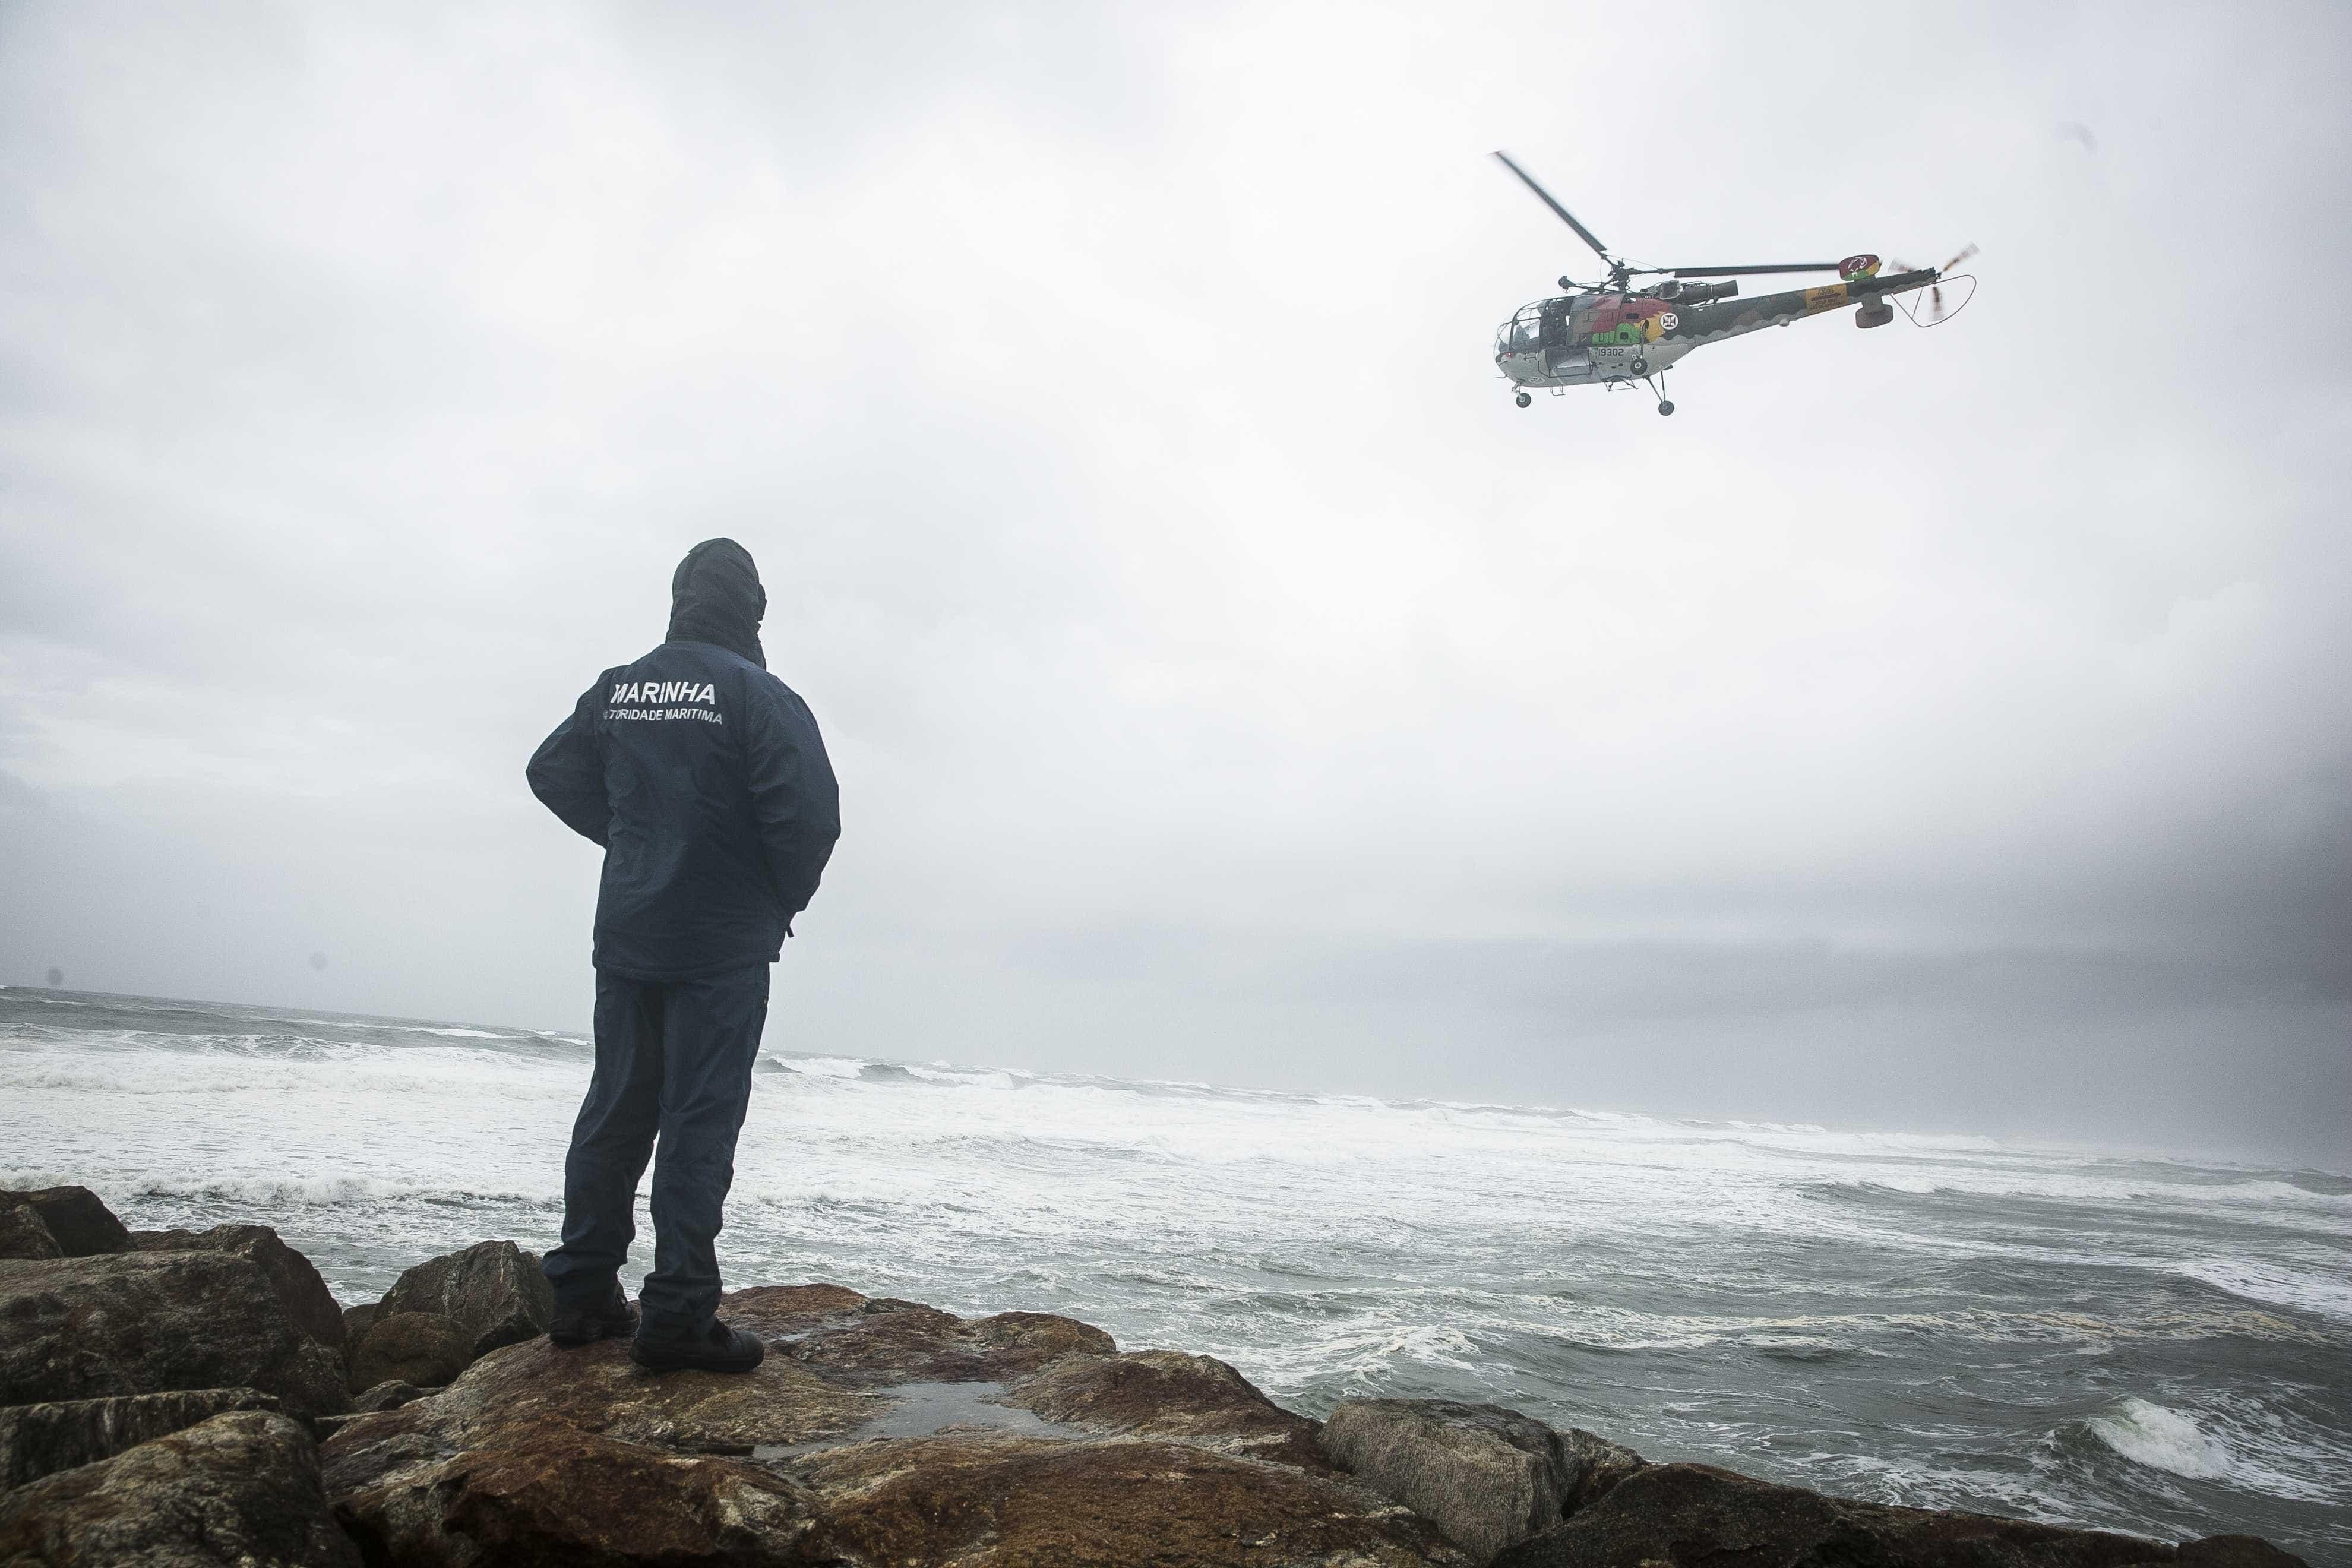 Autoridade Marítima alerta para zona de perigo em praias de Torres Vedras